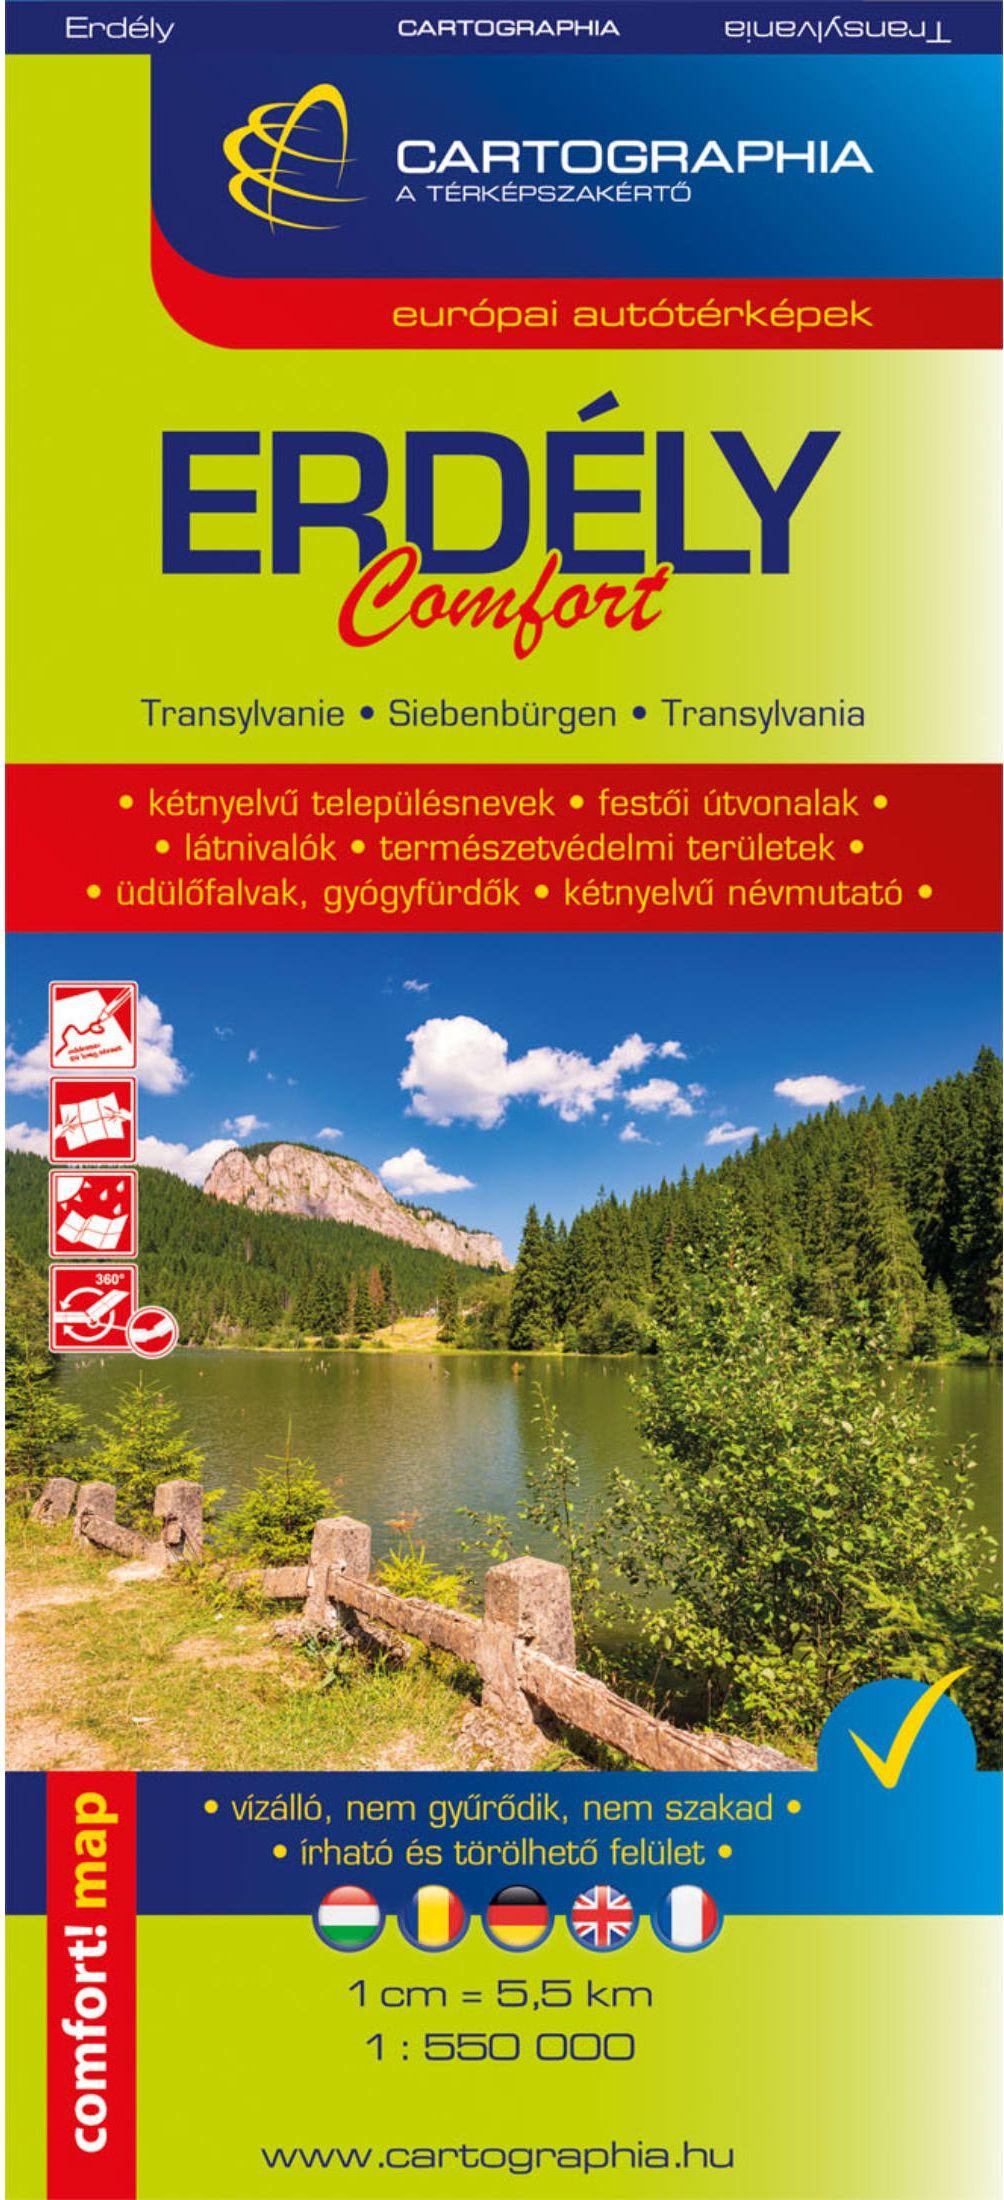 Laminált Erdély comfort turista információs térkép (vízhatlan, hajtogatás tűrő)